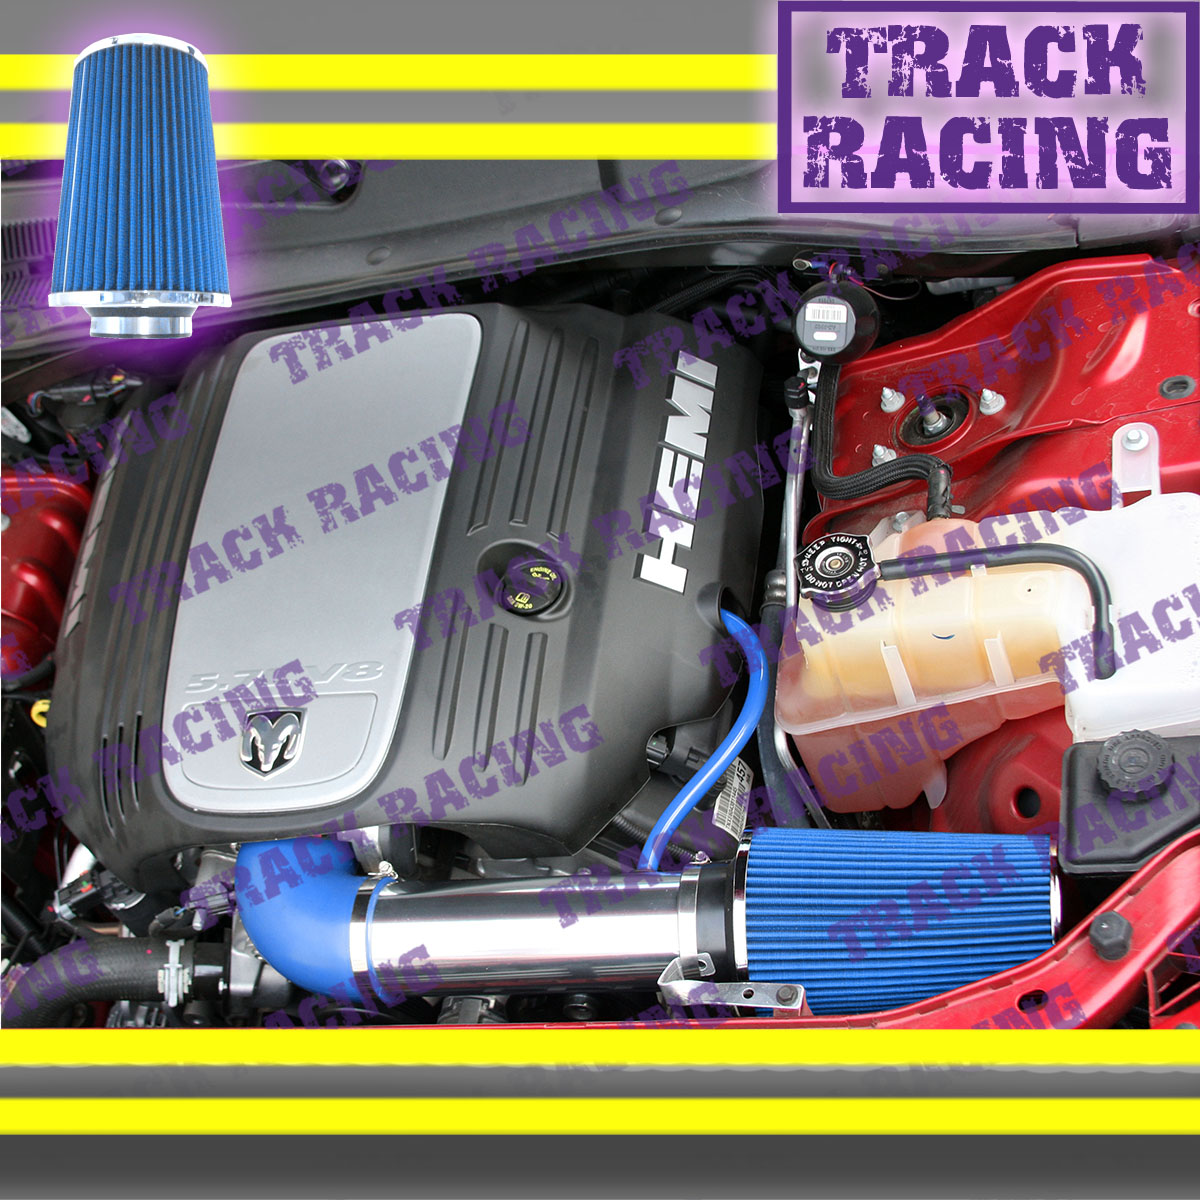 Procharger Supercharger Kit Chrysler 300 6 1l Srt8 2006: 2005-2015 DODGE CHARGER MAGNUM CHALLENGER 300C HEMI BIG